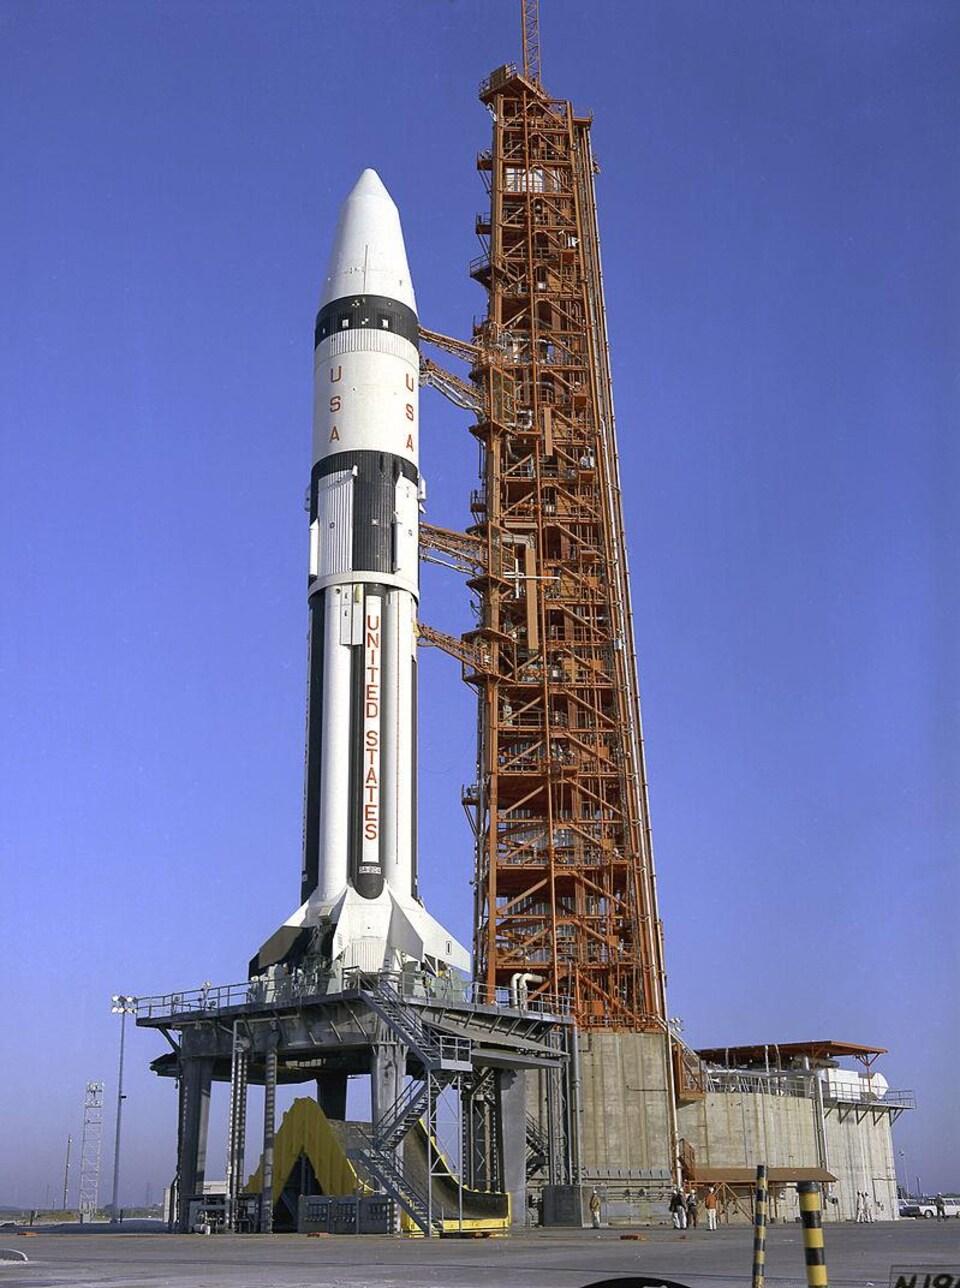 La fusée Saturn sur le site de lancement de la mission Apollo 5.